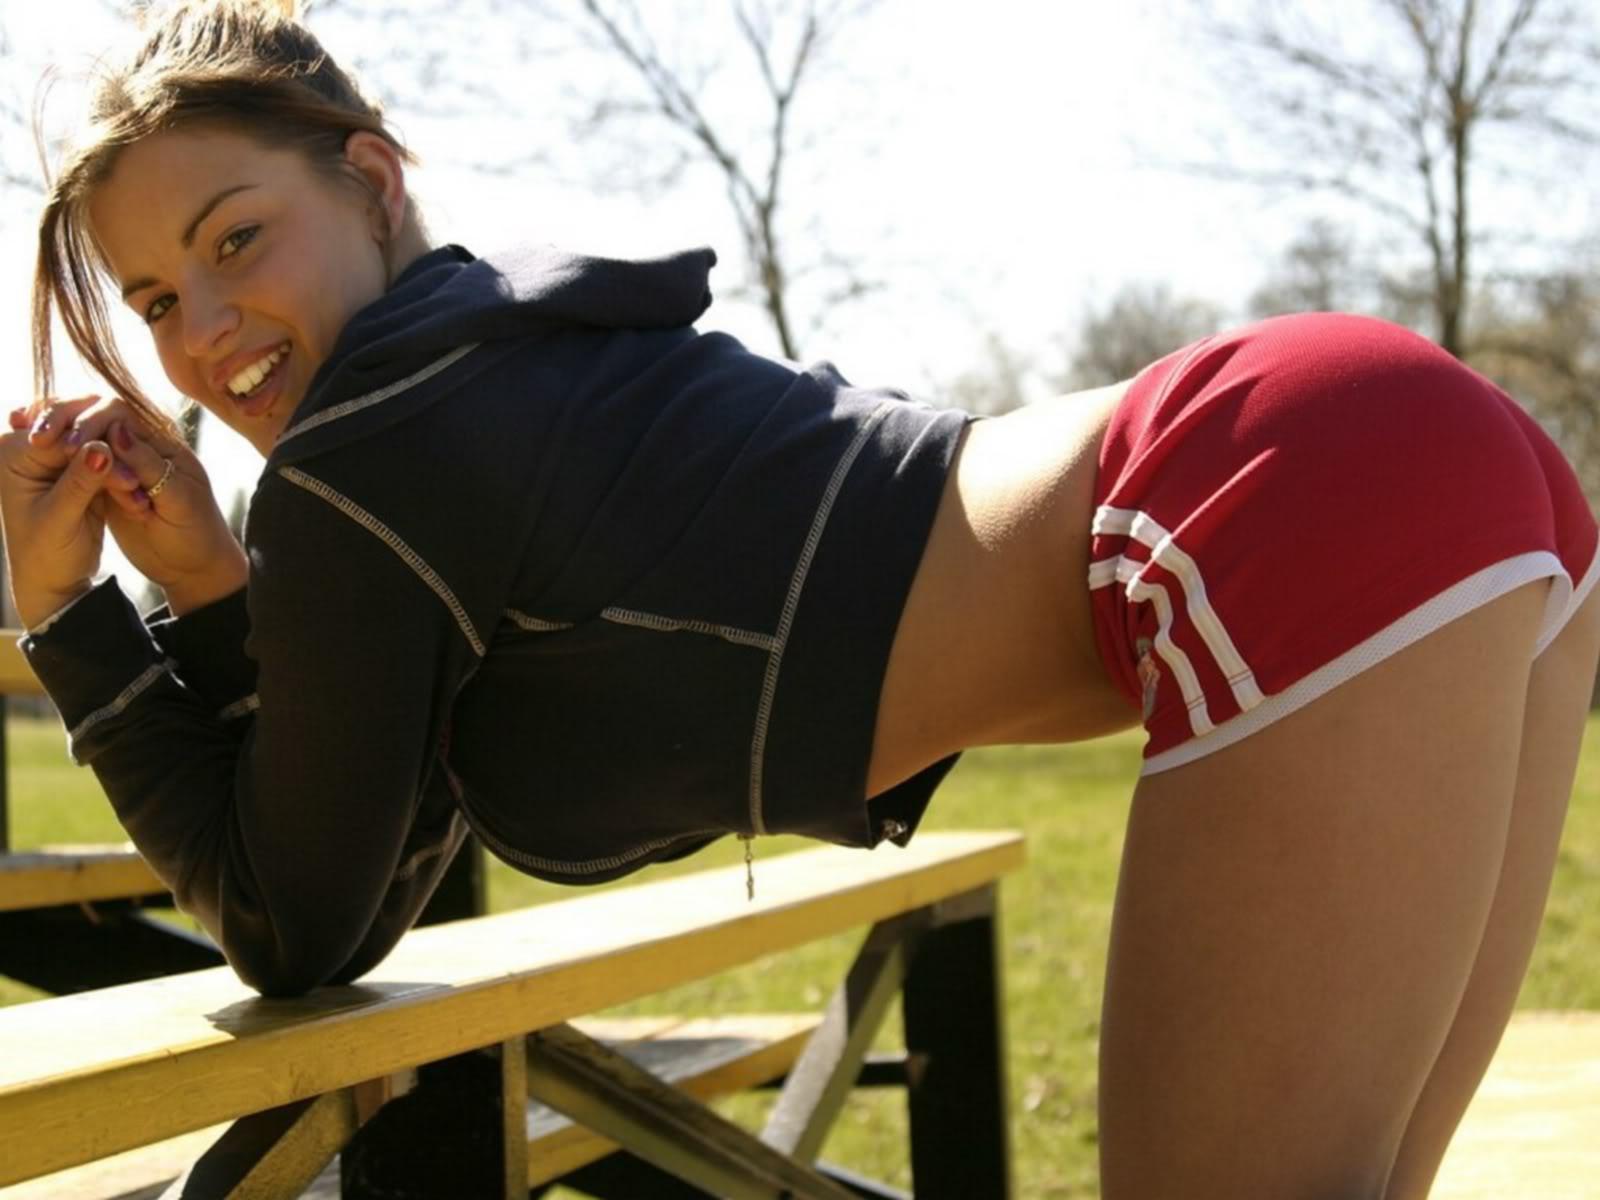 Телочка позирует в спортивной одежде 4 фотография